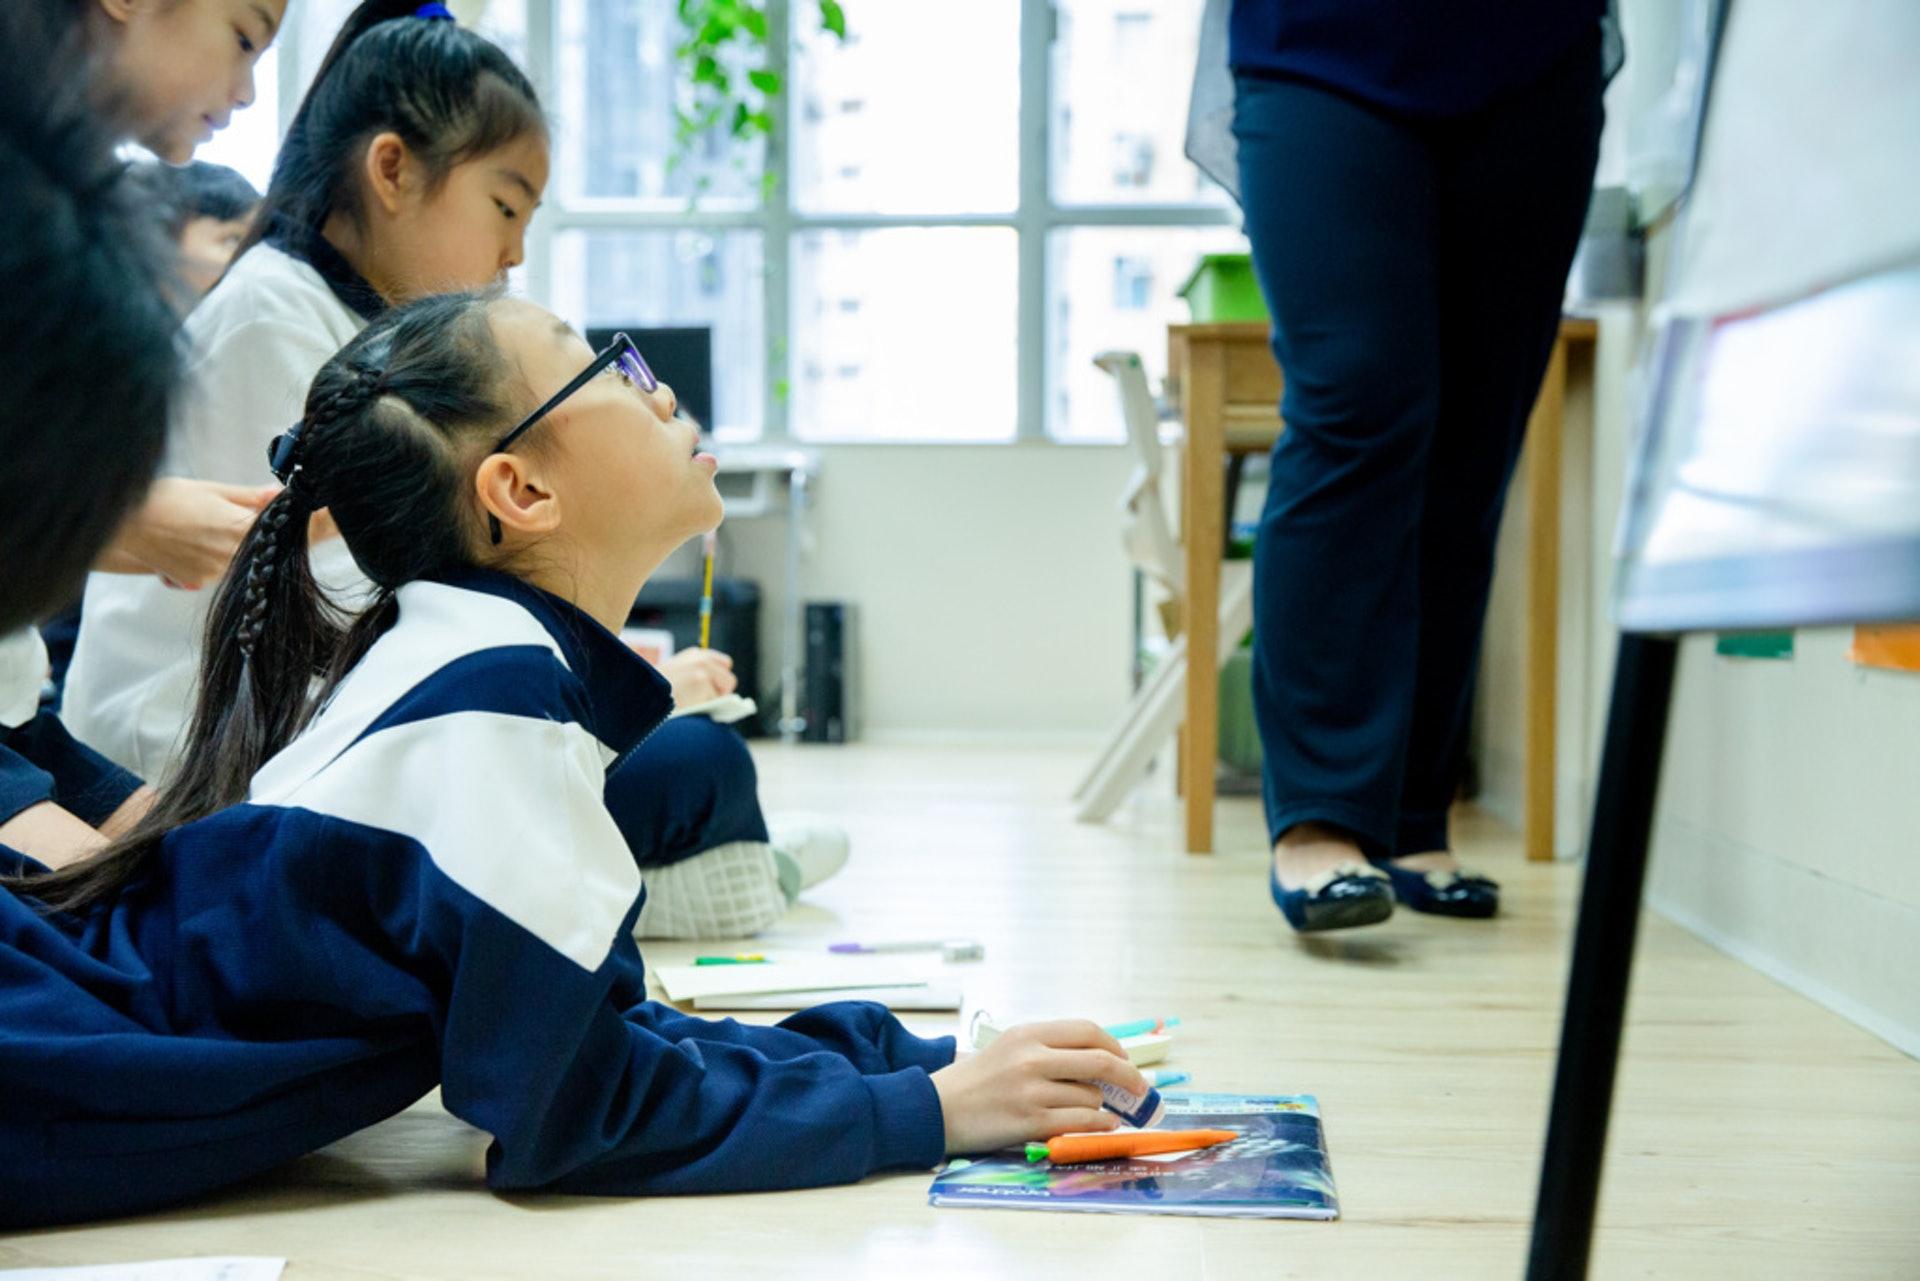 學生亦可以選擇不在座位上聽課,以自己最舒適的方法上課。